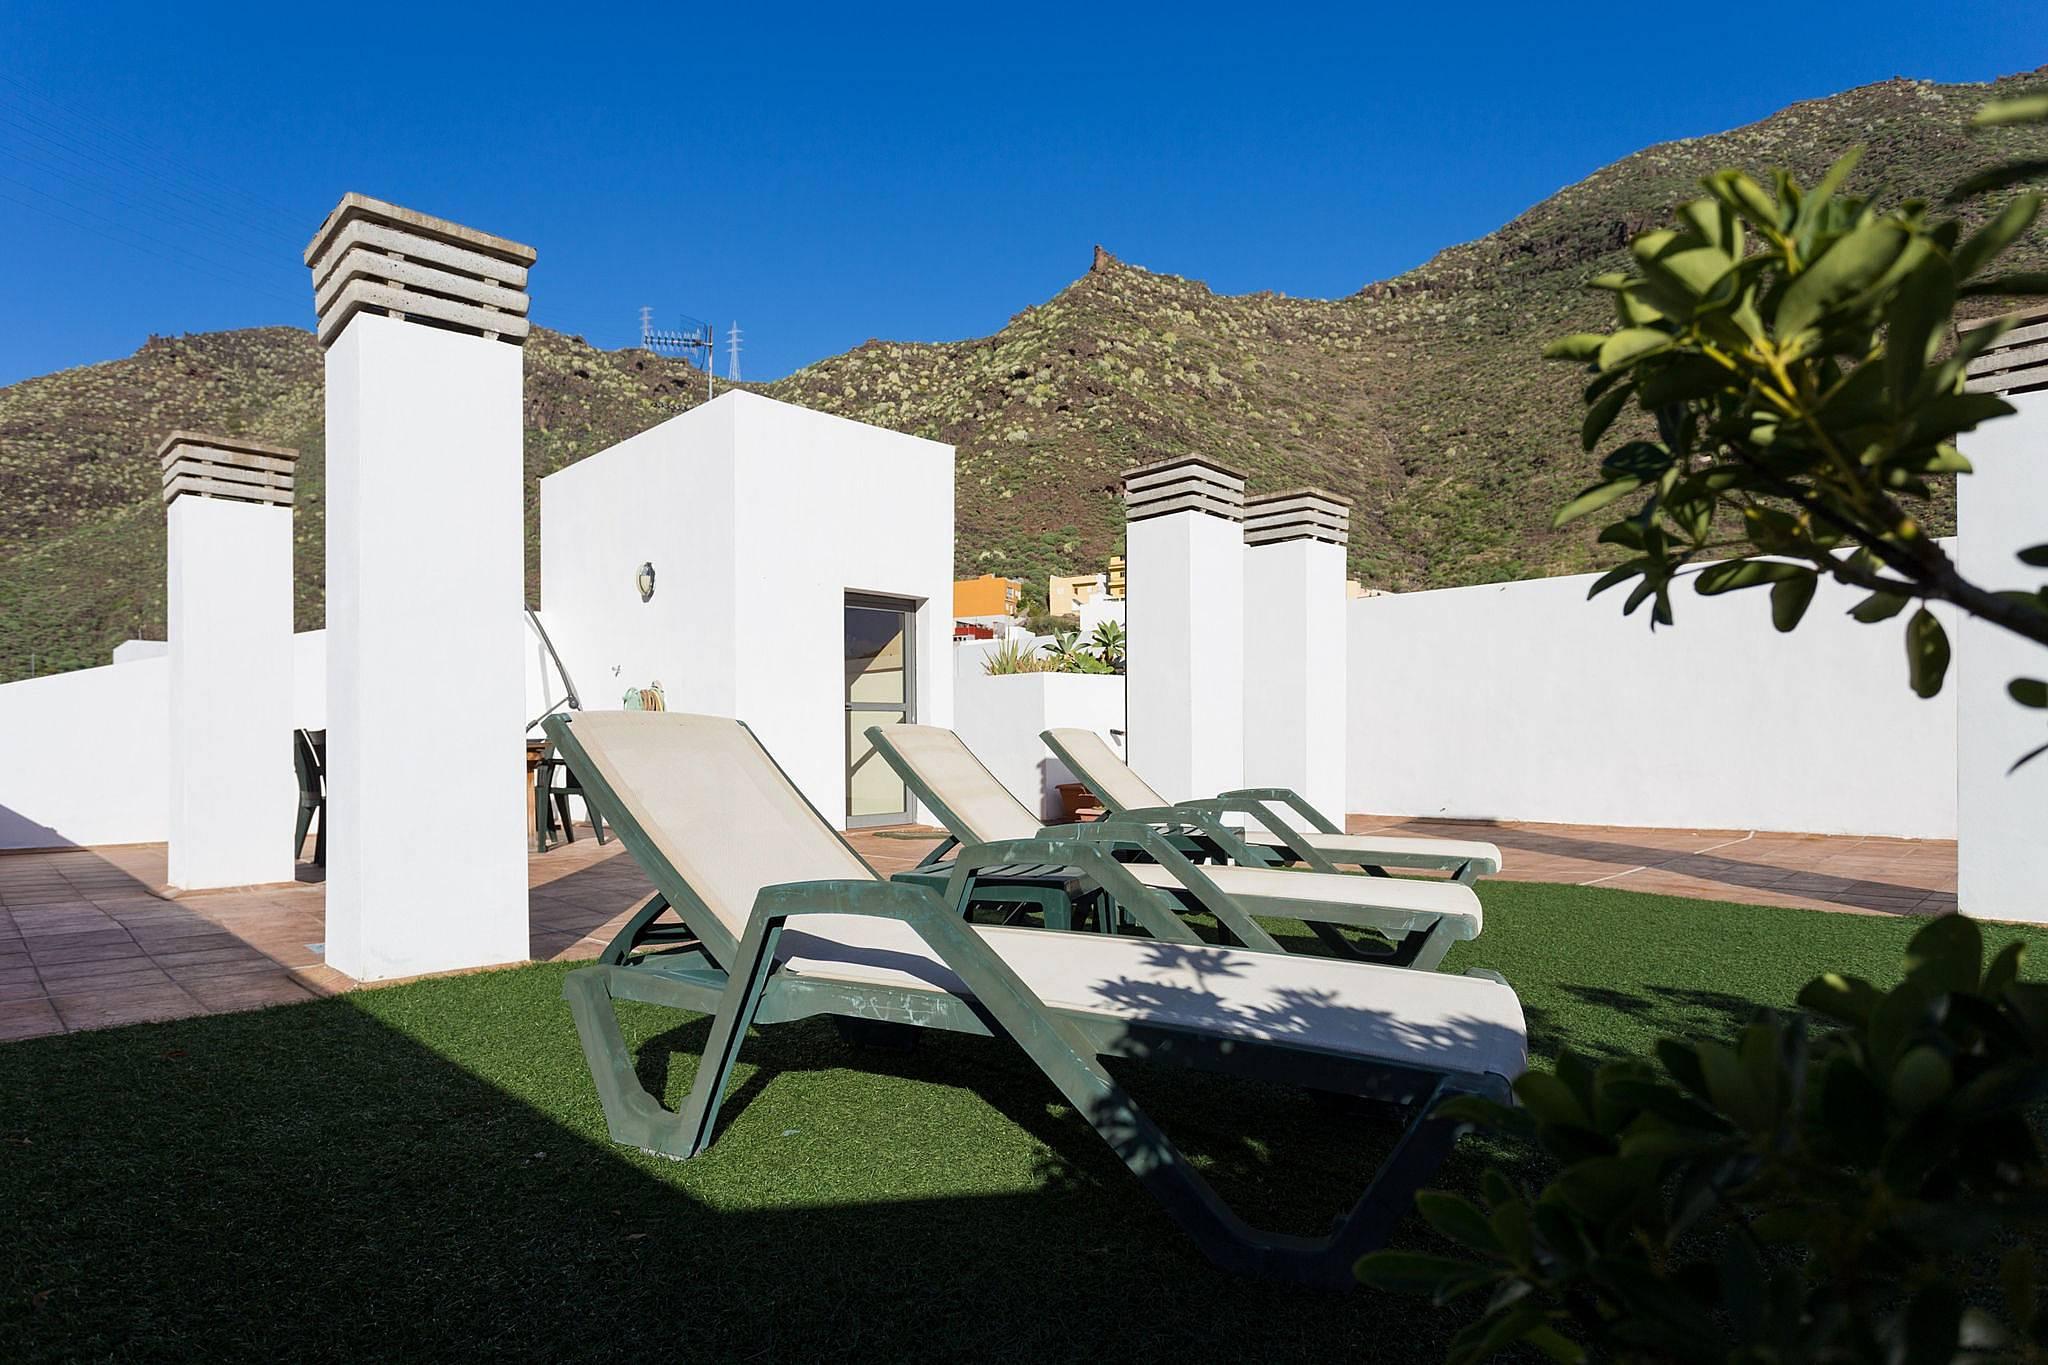 Alquiler vacaciones apartamentos y casas rurales en maria jimenez santa cruz de tenerife - Alquiler casa vacaciones tenerife ...